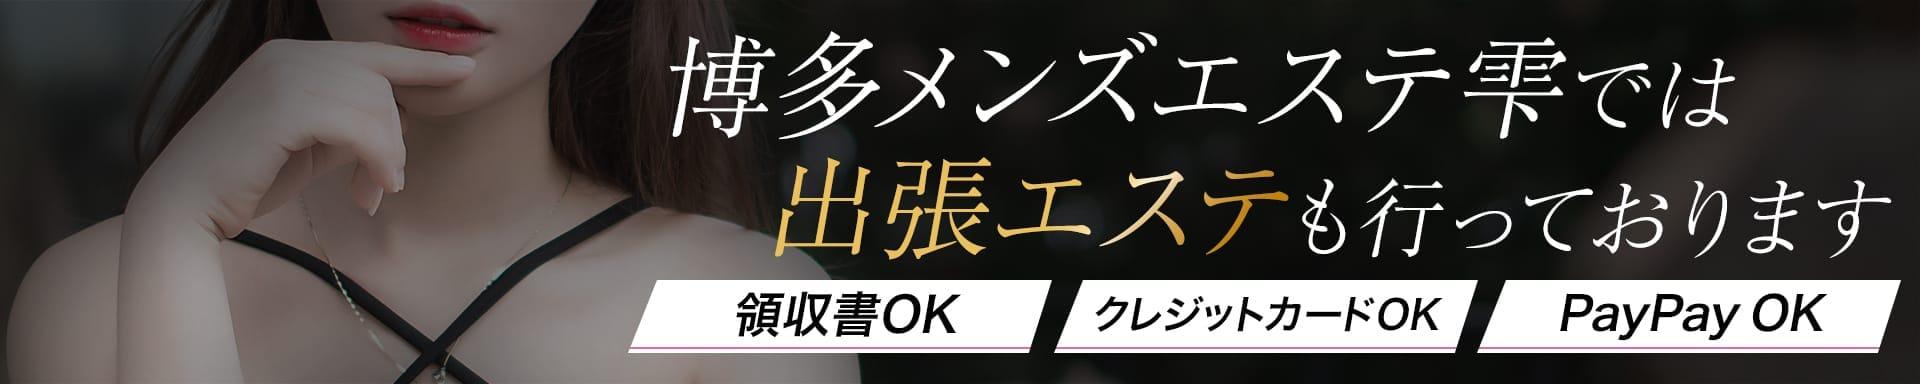 博多メンズエステ 雫~Sizuku~ その3